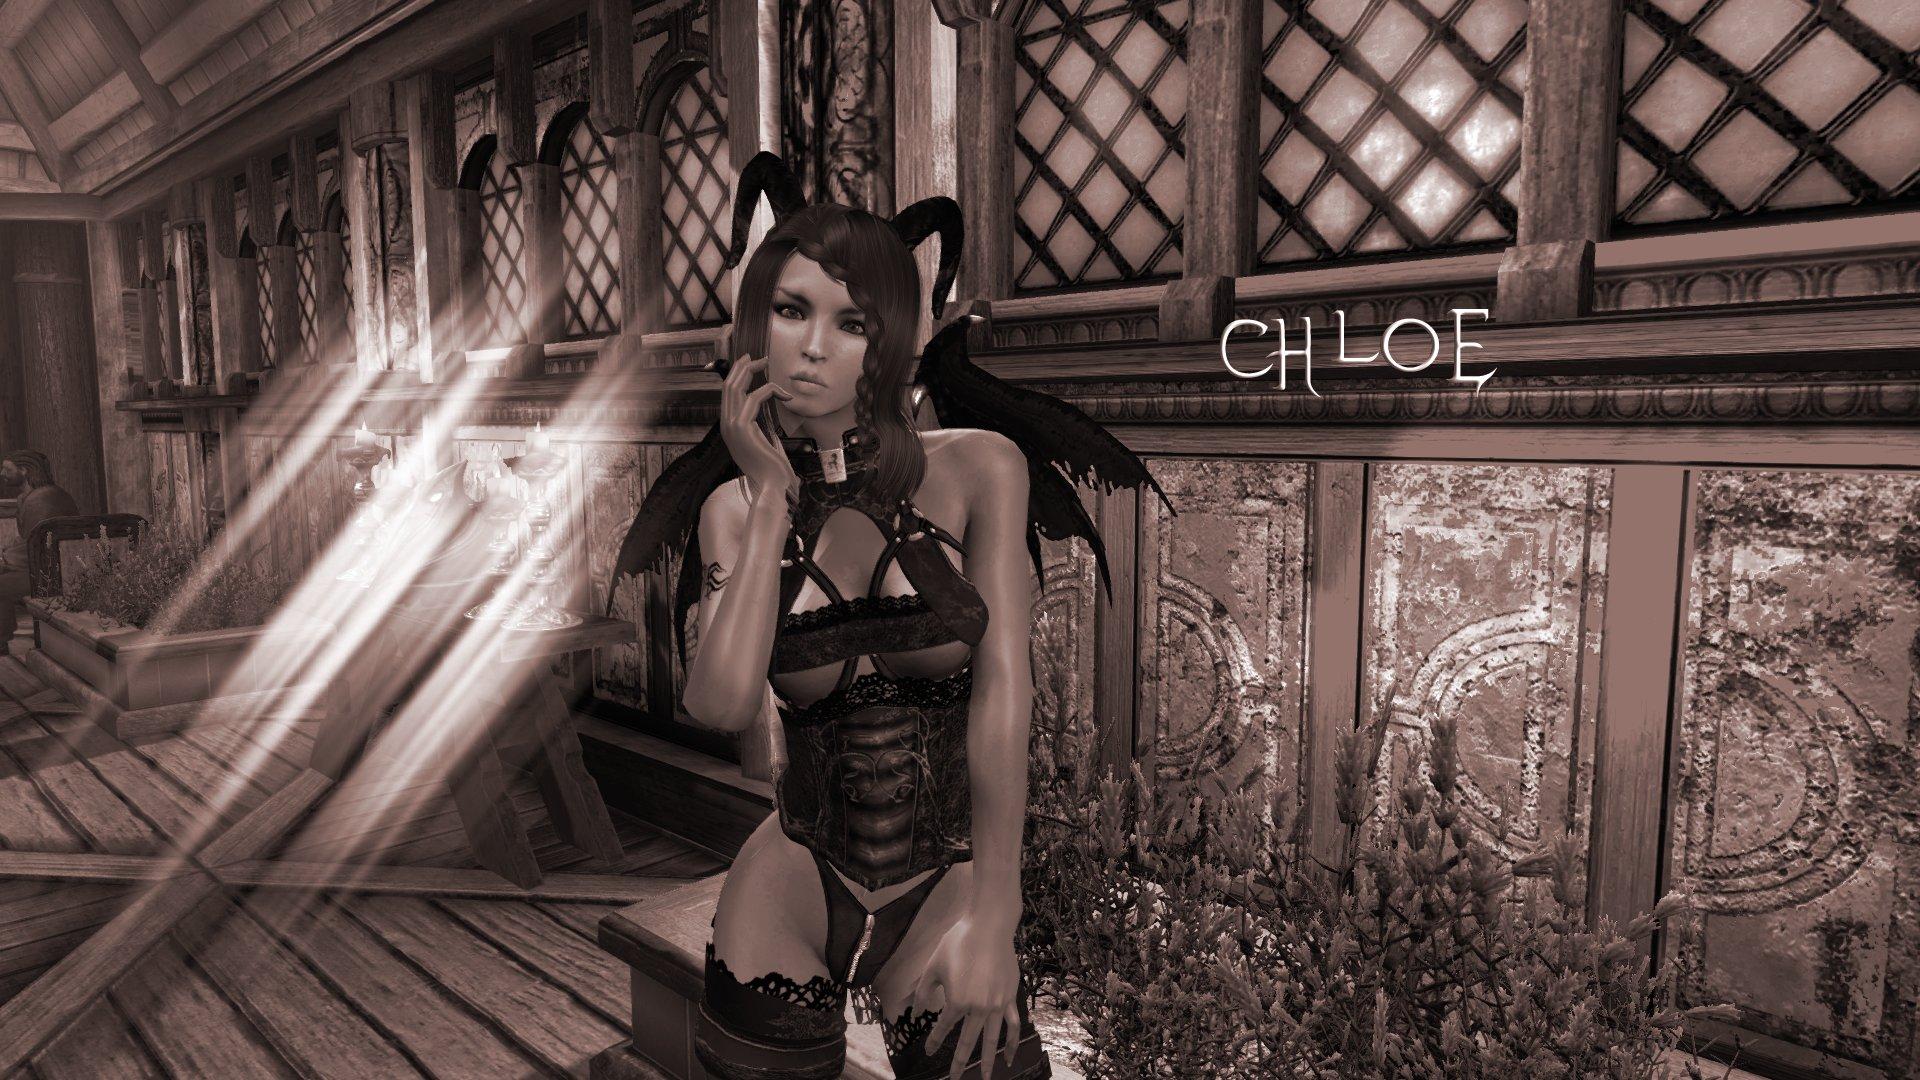 Oblivion adult mods xbox360 nudes pic